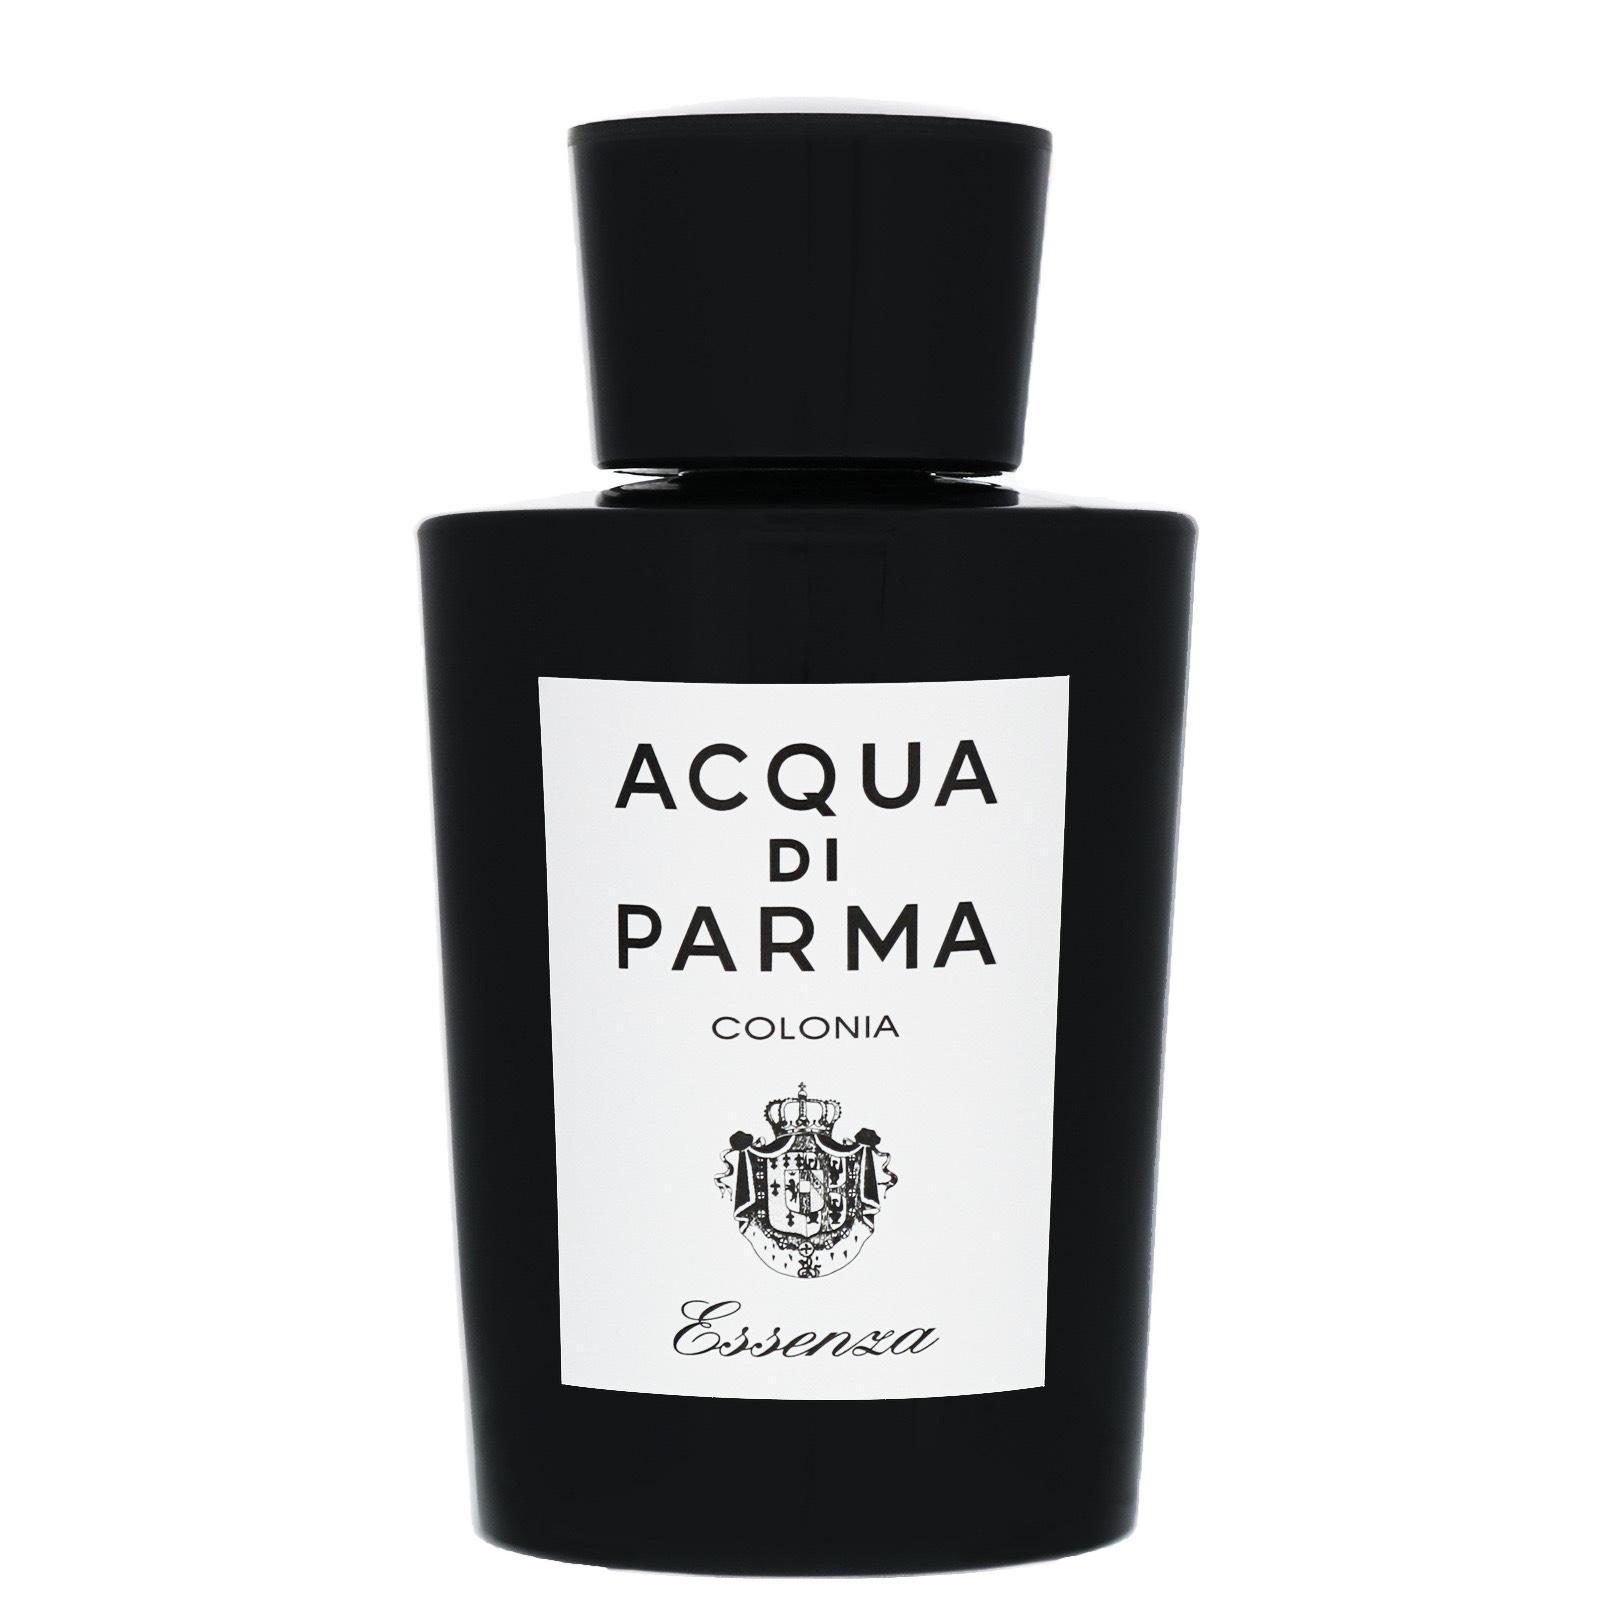 Acqua Di Parma Colonia Essenza 100ml £53.95 delivered / 180ml £71.95 delivered with code @ Allbeauty.com